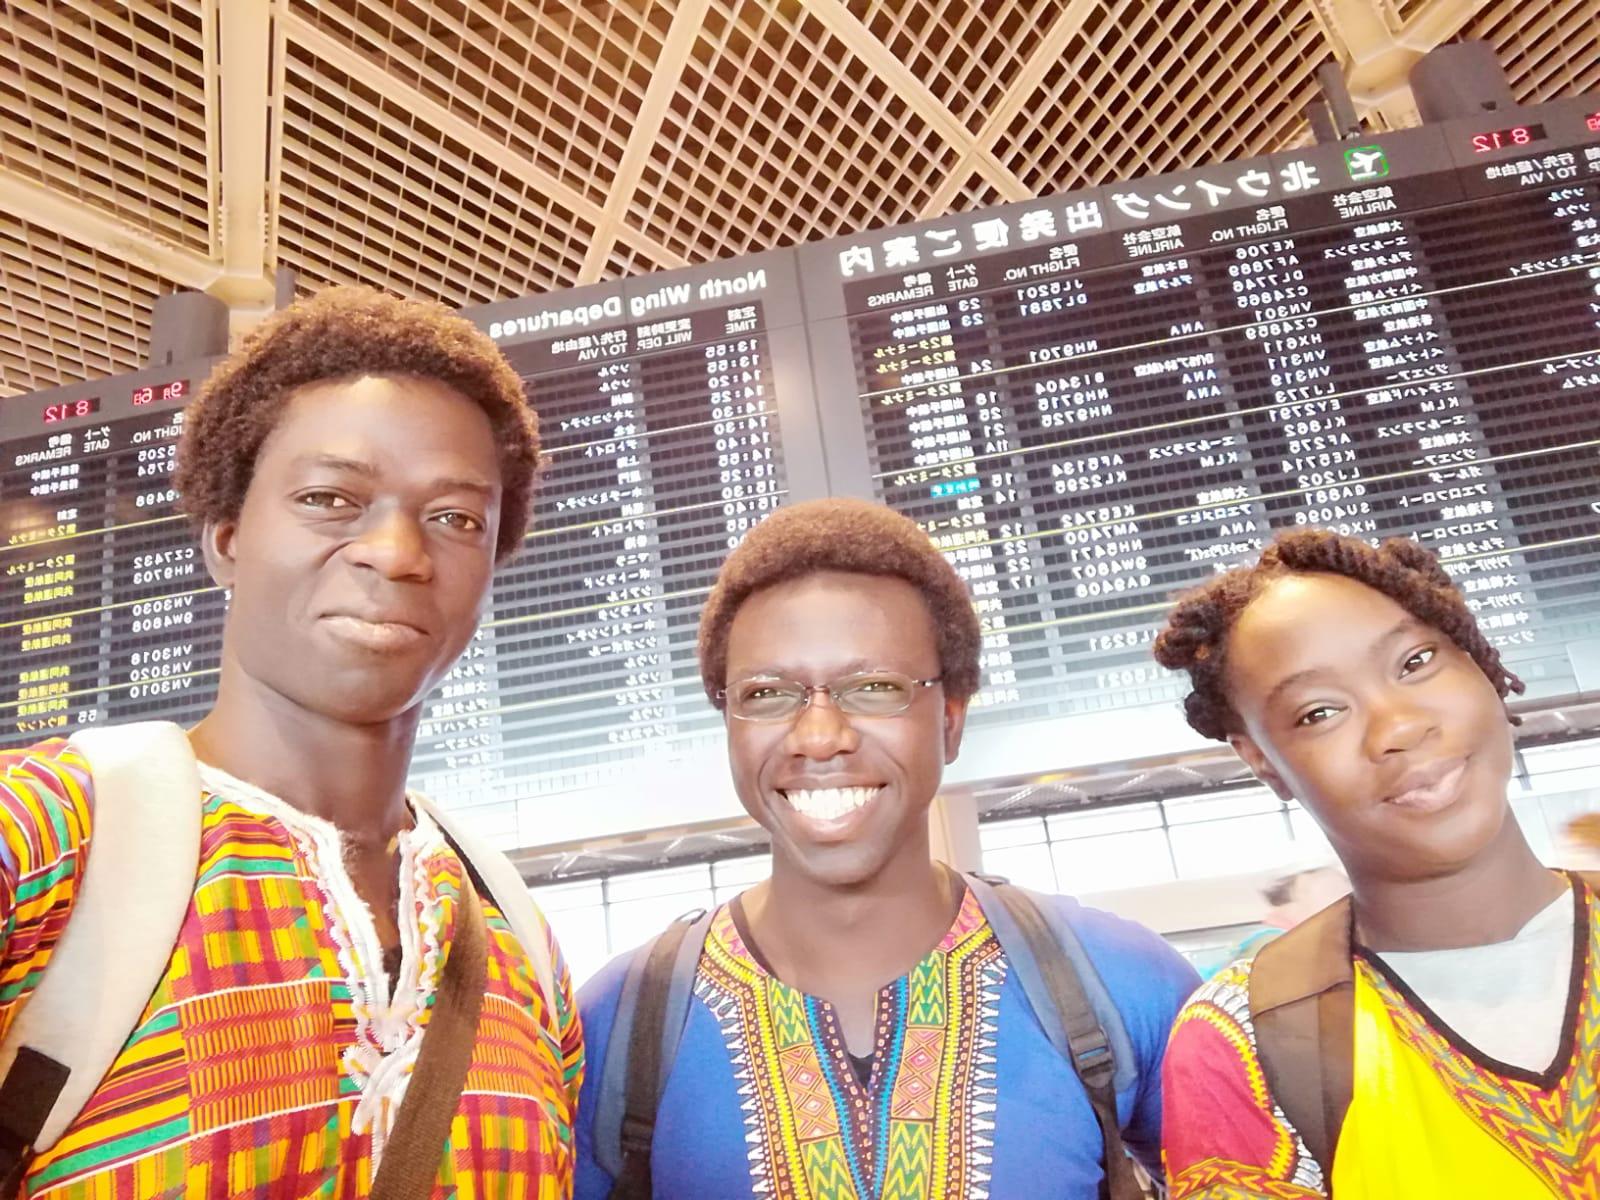 AMADIORA, la plateforme de bandes dessinées Africaines et Afro descendantes